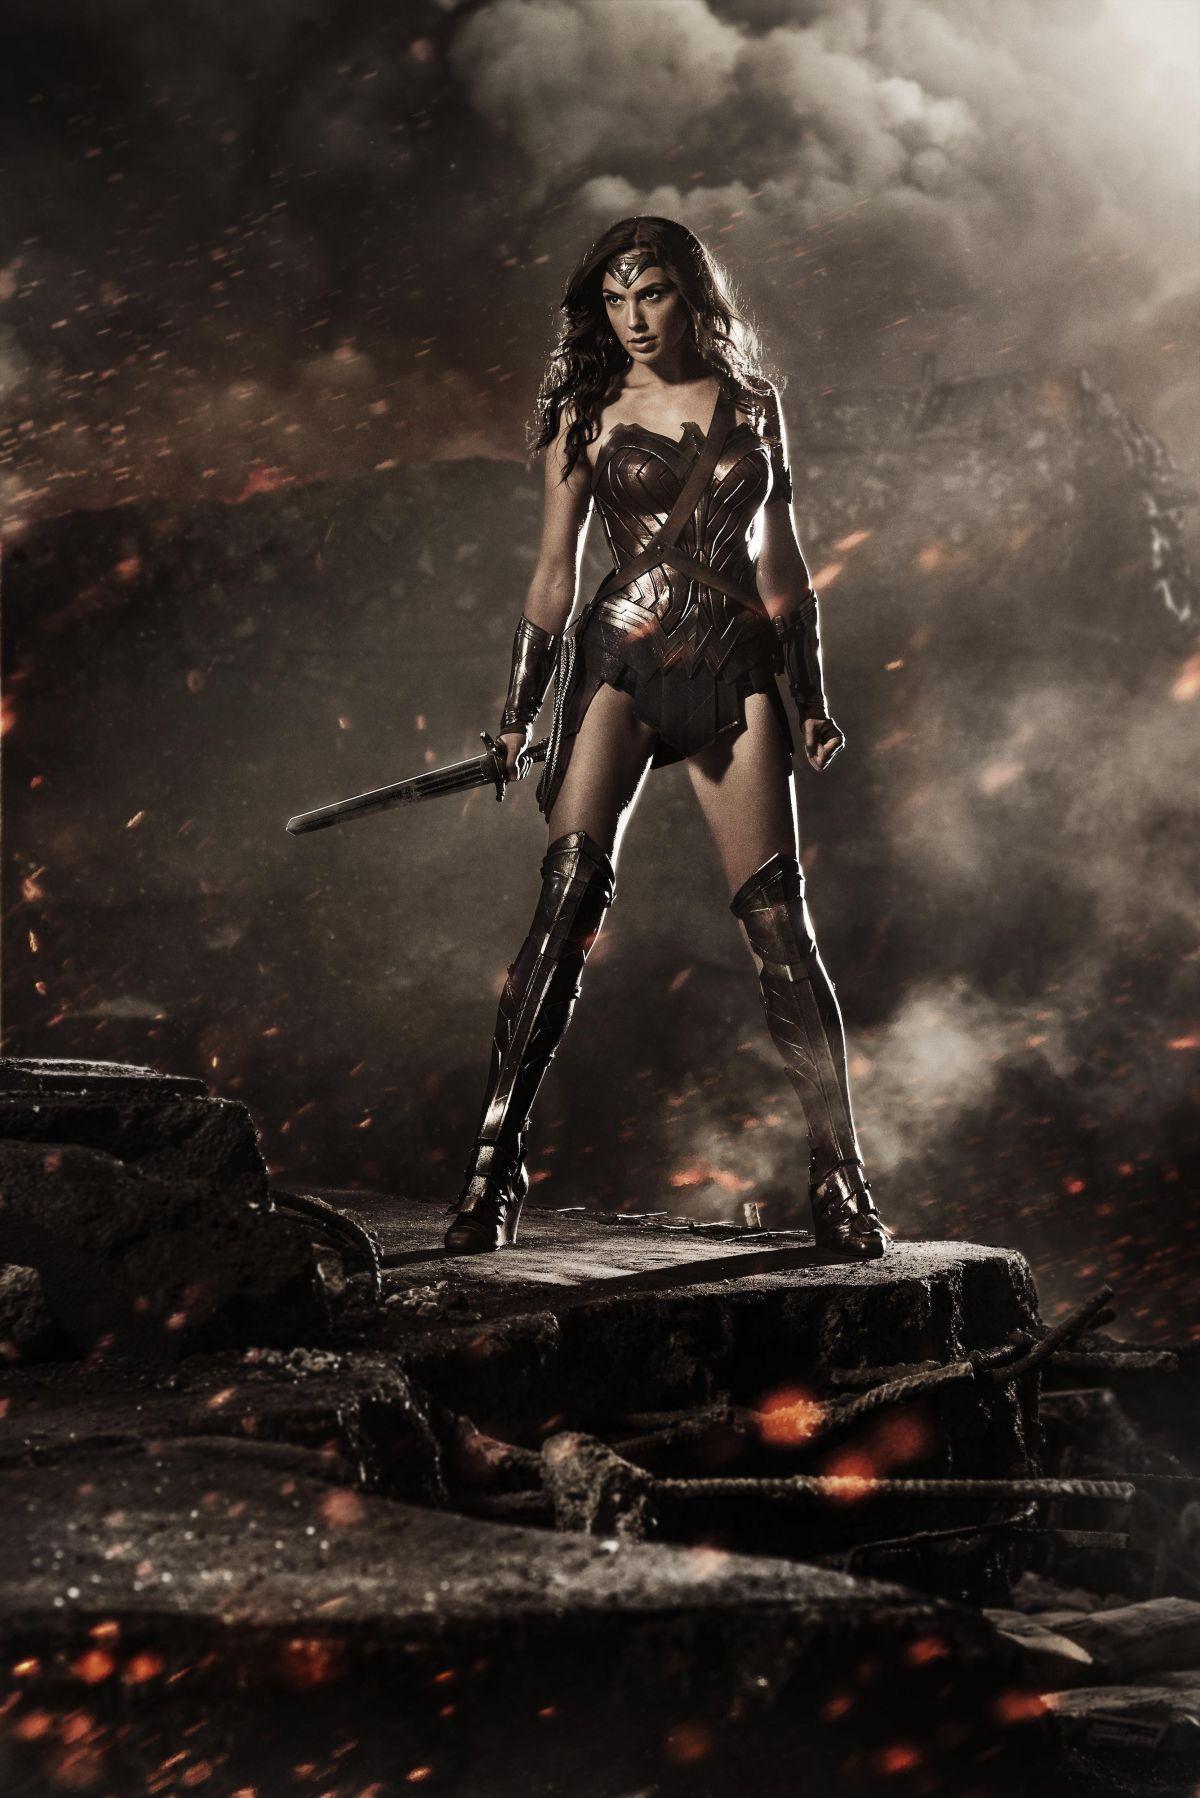 GAL GADOT as Wonder Woman - Comic-con Image release